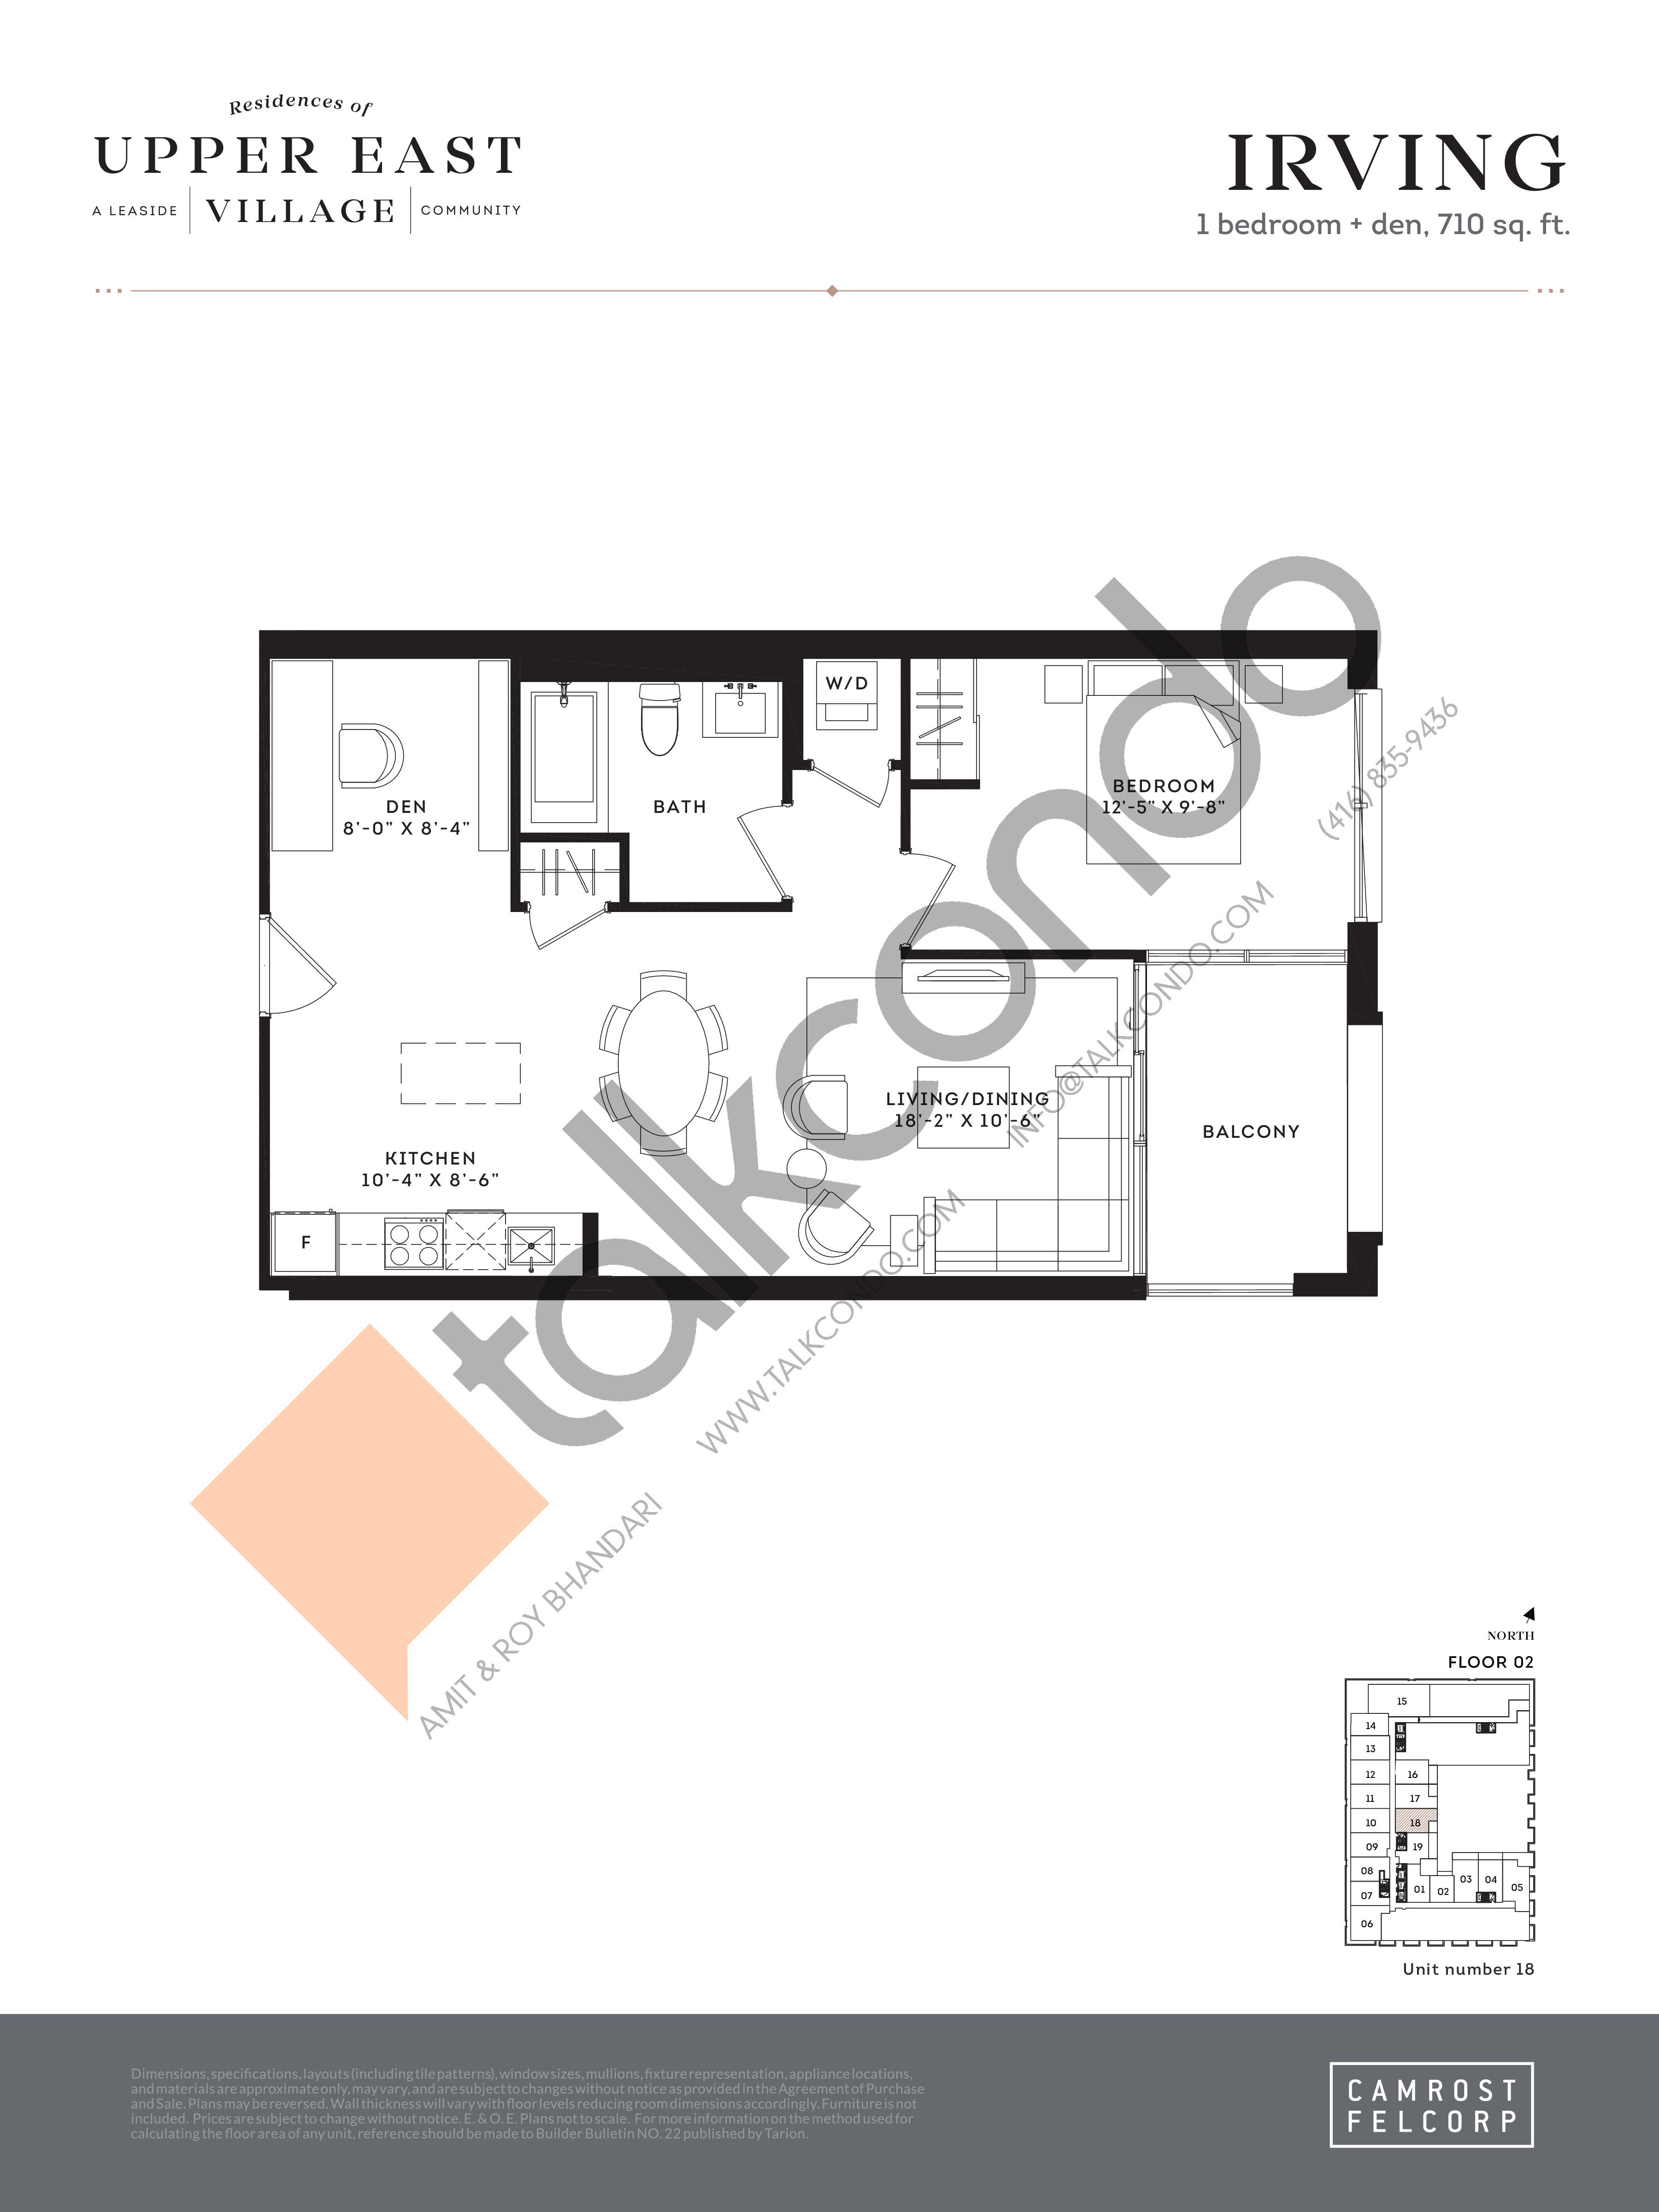 Irving Floor Plan at Upper East Village Condos - 710 sq.ft